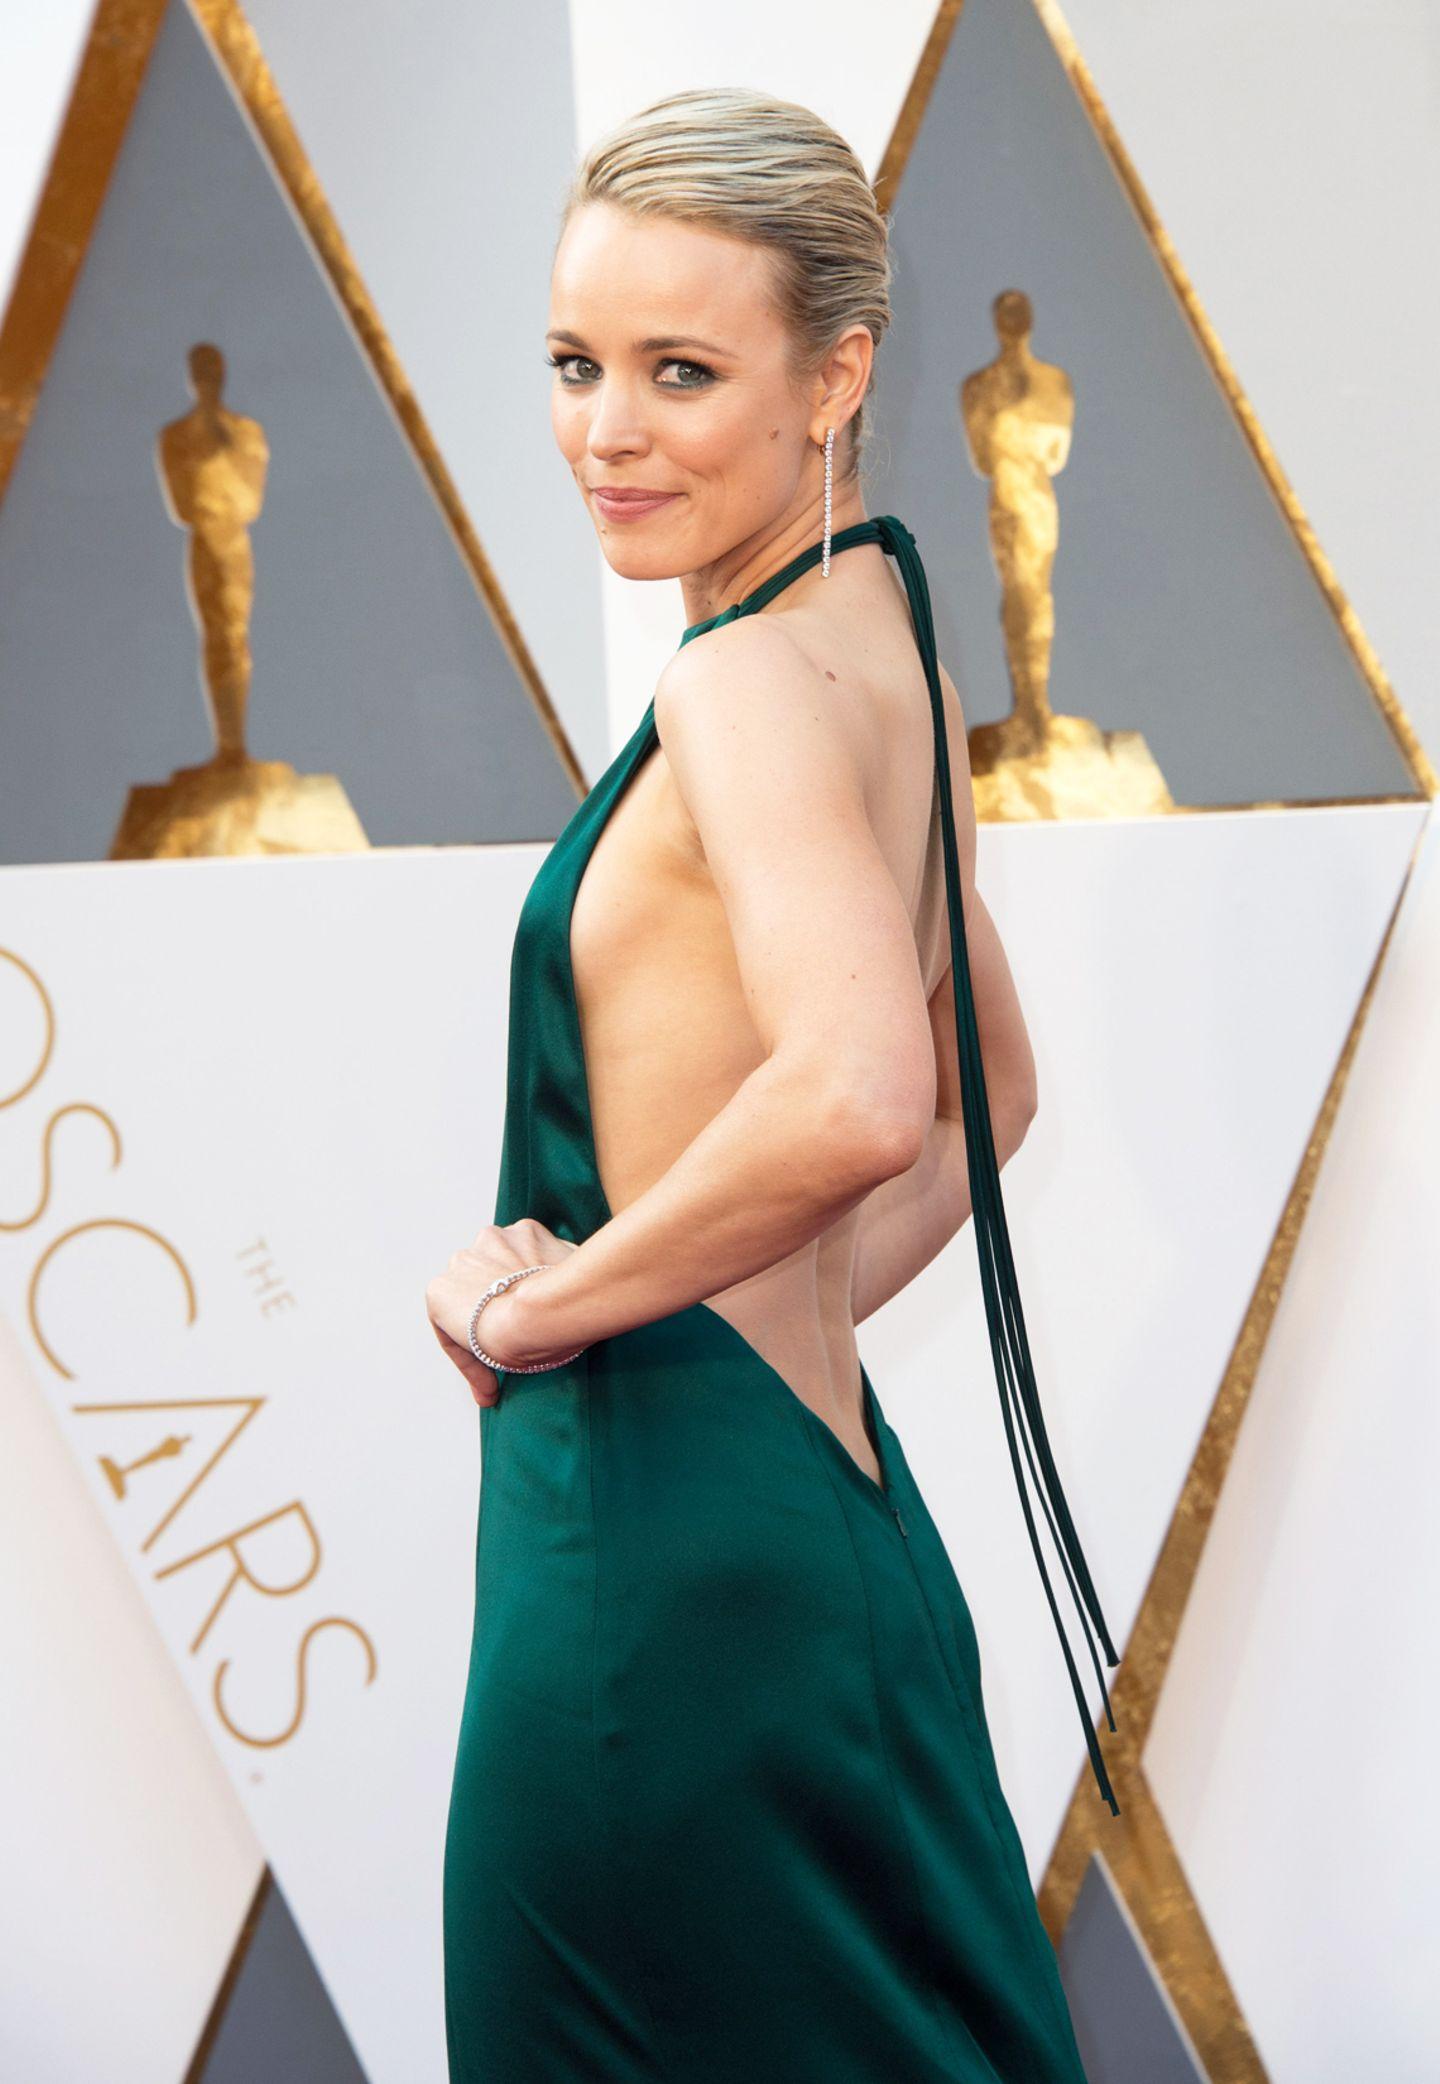 Ziemlich tief blicken lässt Schauspielerin Rachel McAdams in ihrem grünen Kleid von August Getty Atelier - der wohl heißeste Rückenausschnitt des Abends.